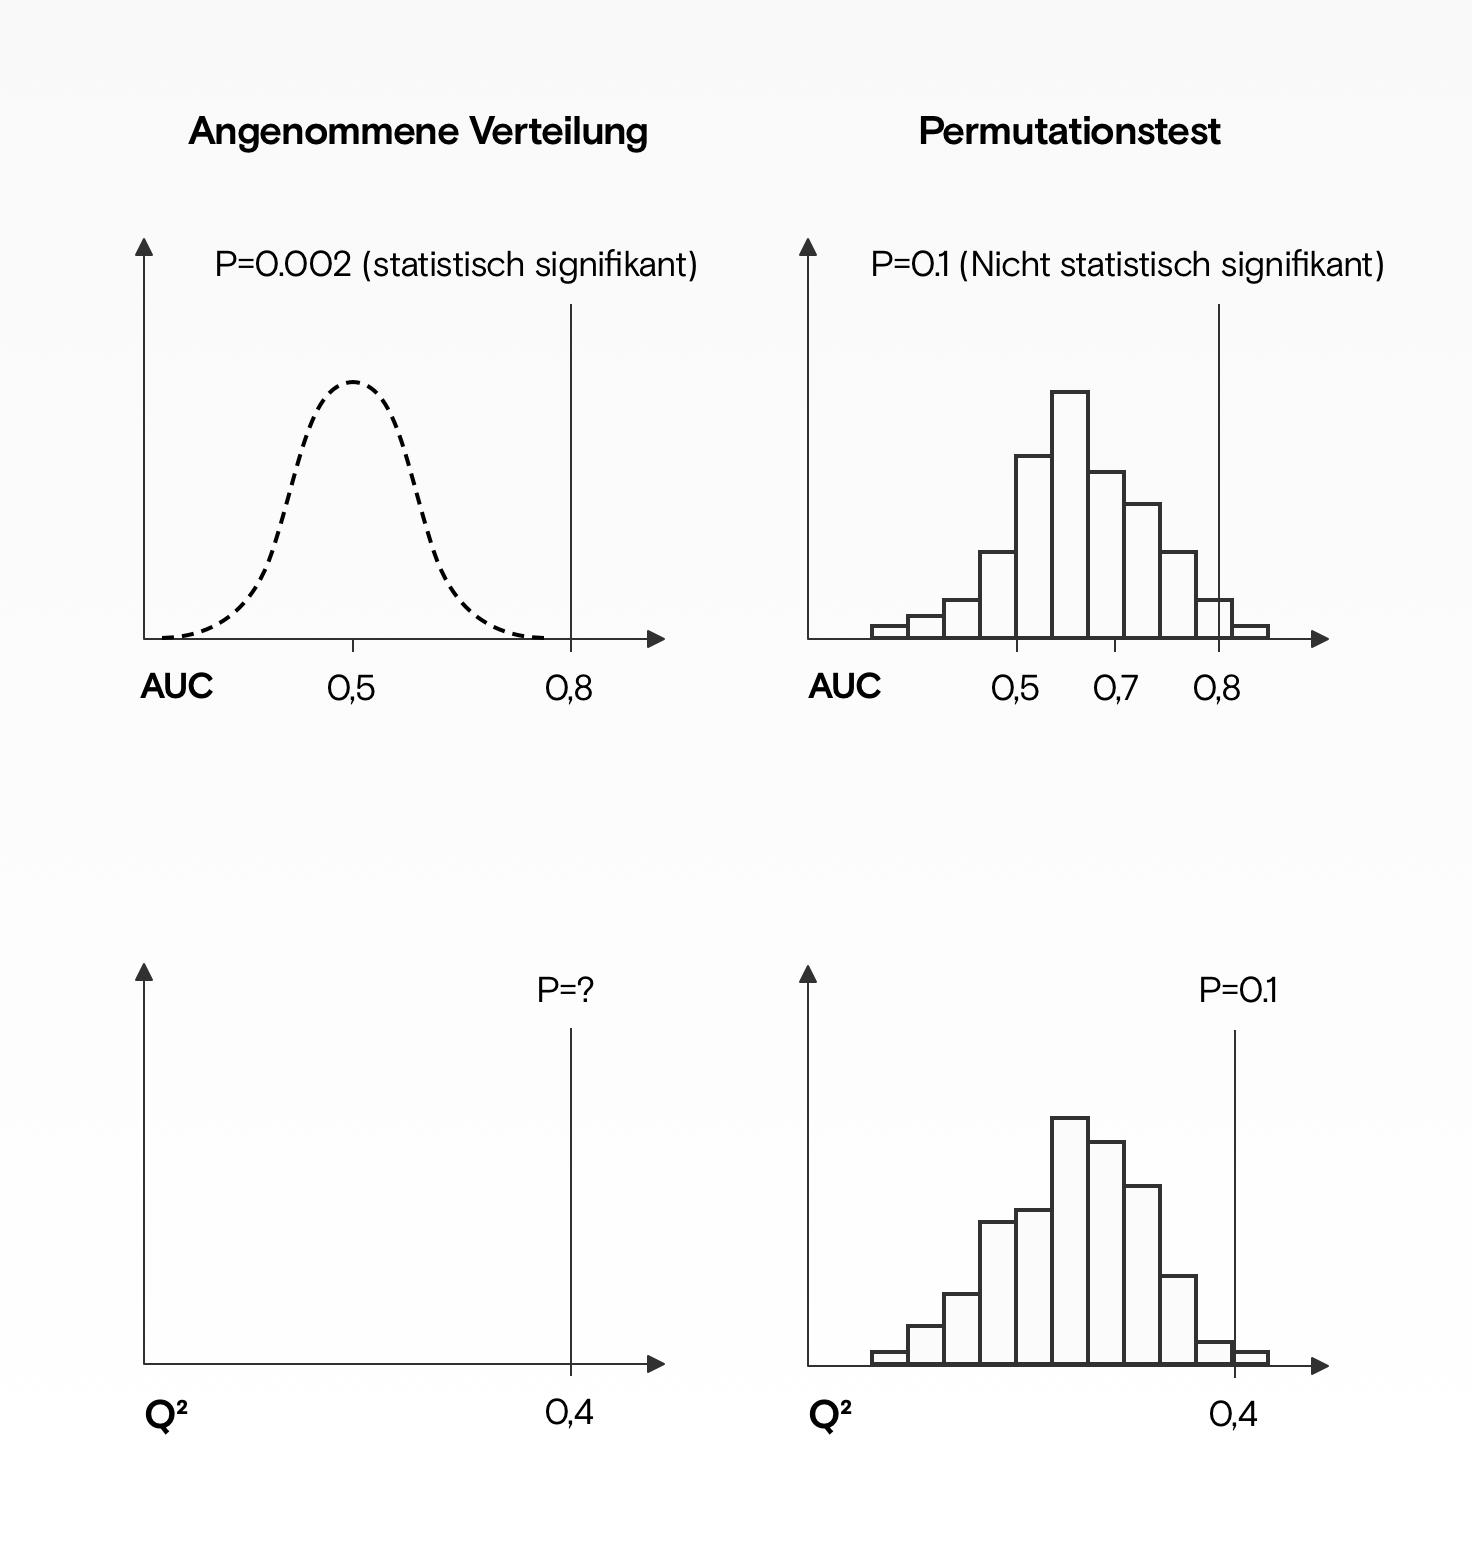 Zwei AUC-Diagramme, die zeigen, wie der p-Wert bei einer vermuteten Verteilung um eine zufällige Metrik signifikant aussehen könnte, während nach Permutationstests die Modellleistung nicht mehr signifikant ist. Permutationstests können auch dabei helfen, herauszufinden, was ein guter Wert für Metriken wie Q-squared sein könnte.